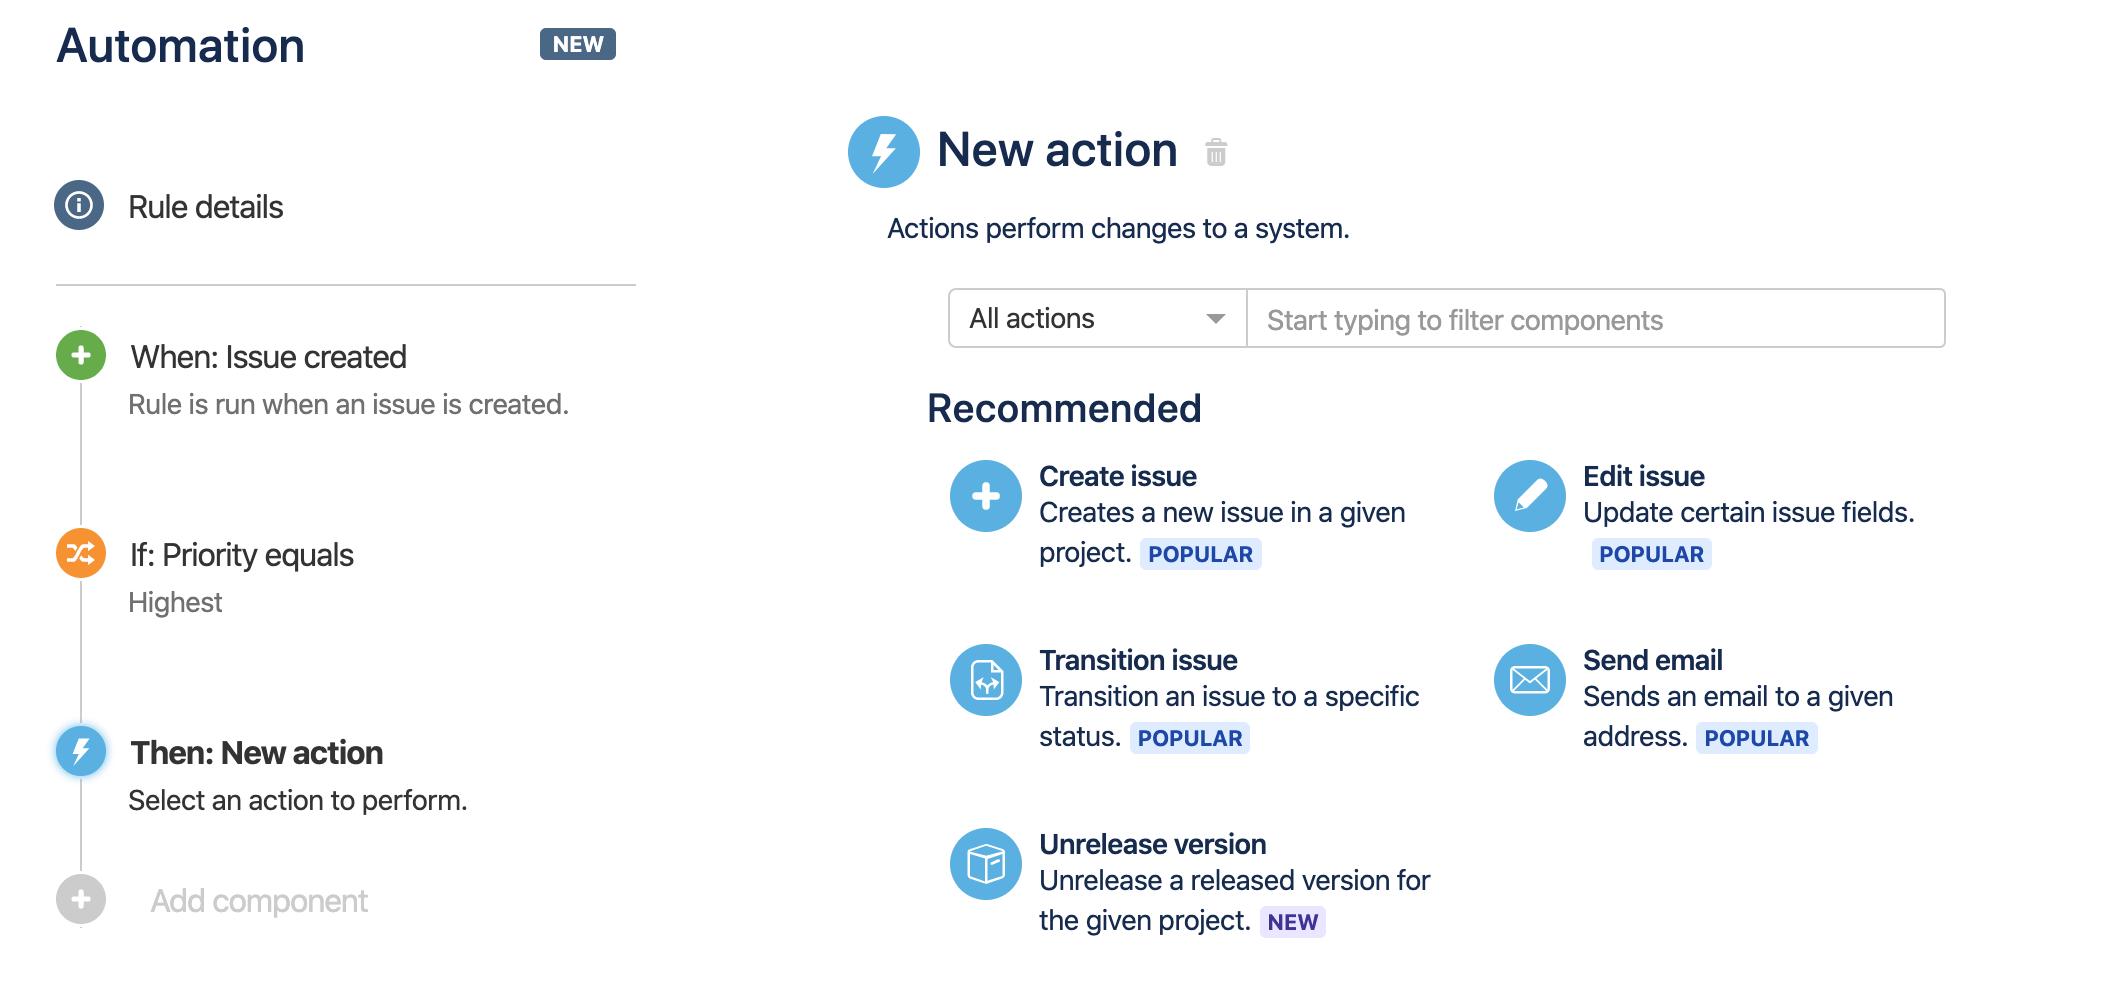 ルール作成時に利用可能なアクションの一覧。